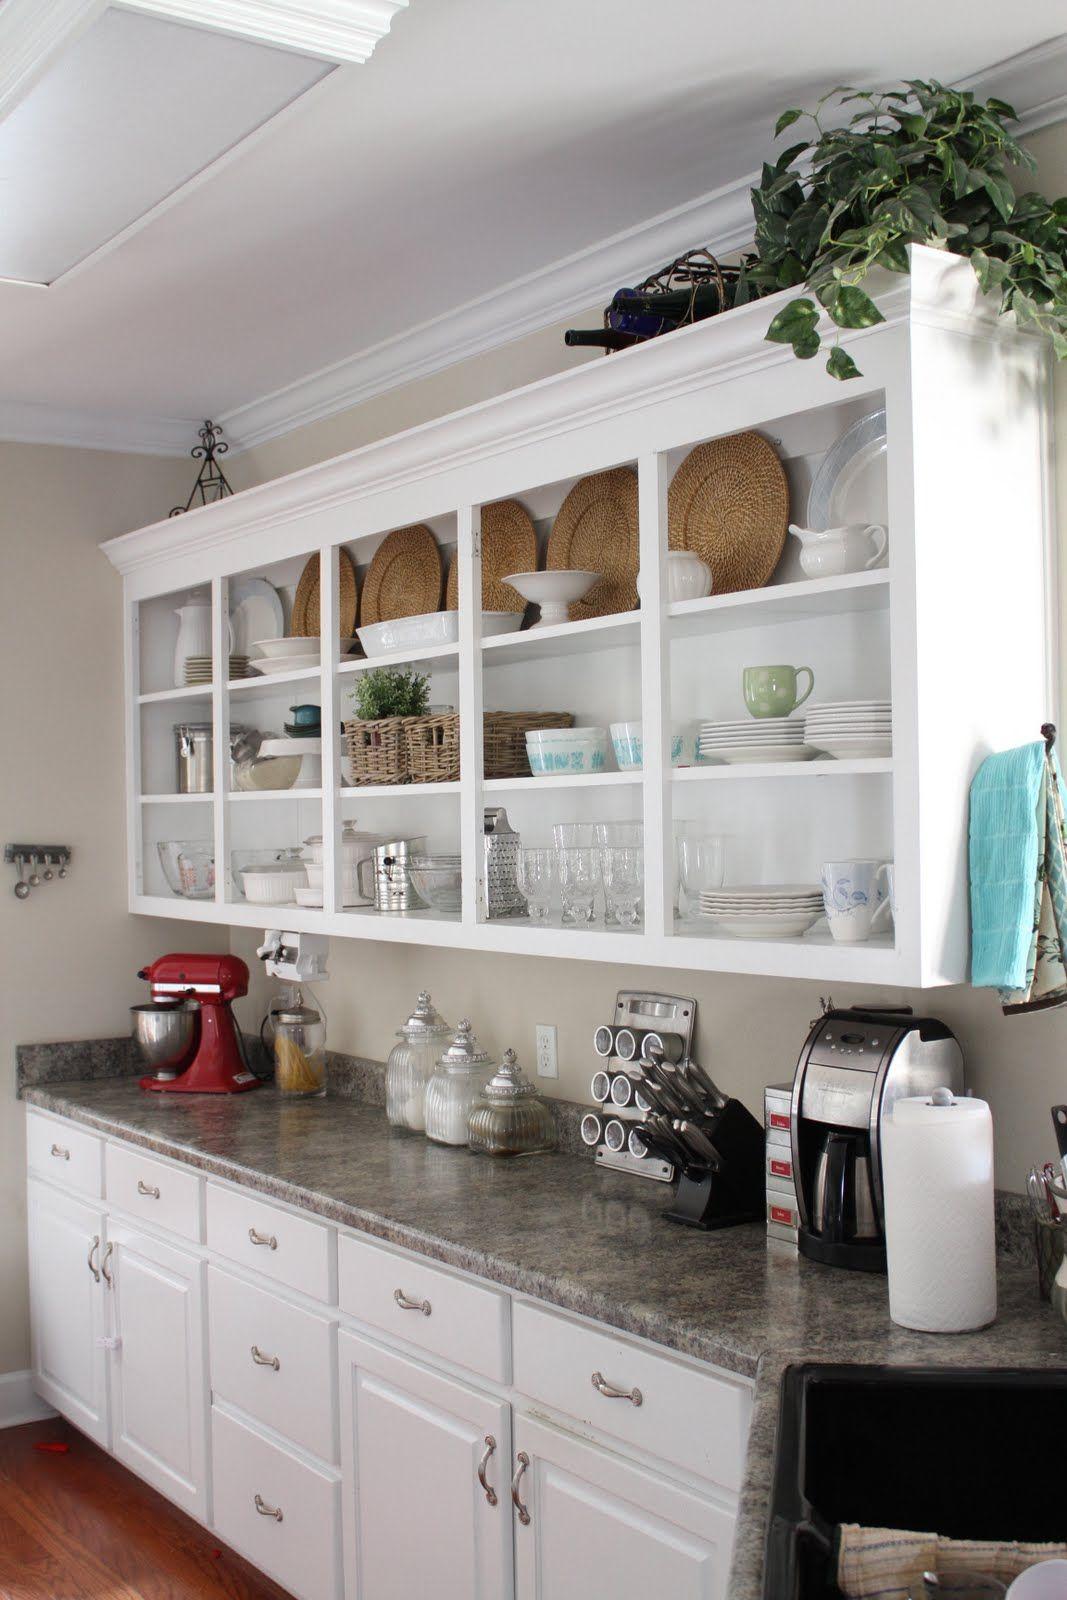 Inspiring Wall Mounted Kitchen Shelves Ideas Open Kitchen Cabinets Kitchen Rack Design Kitchen Cabinet Storage